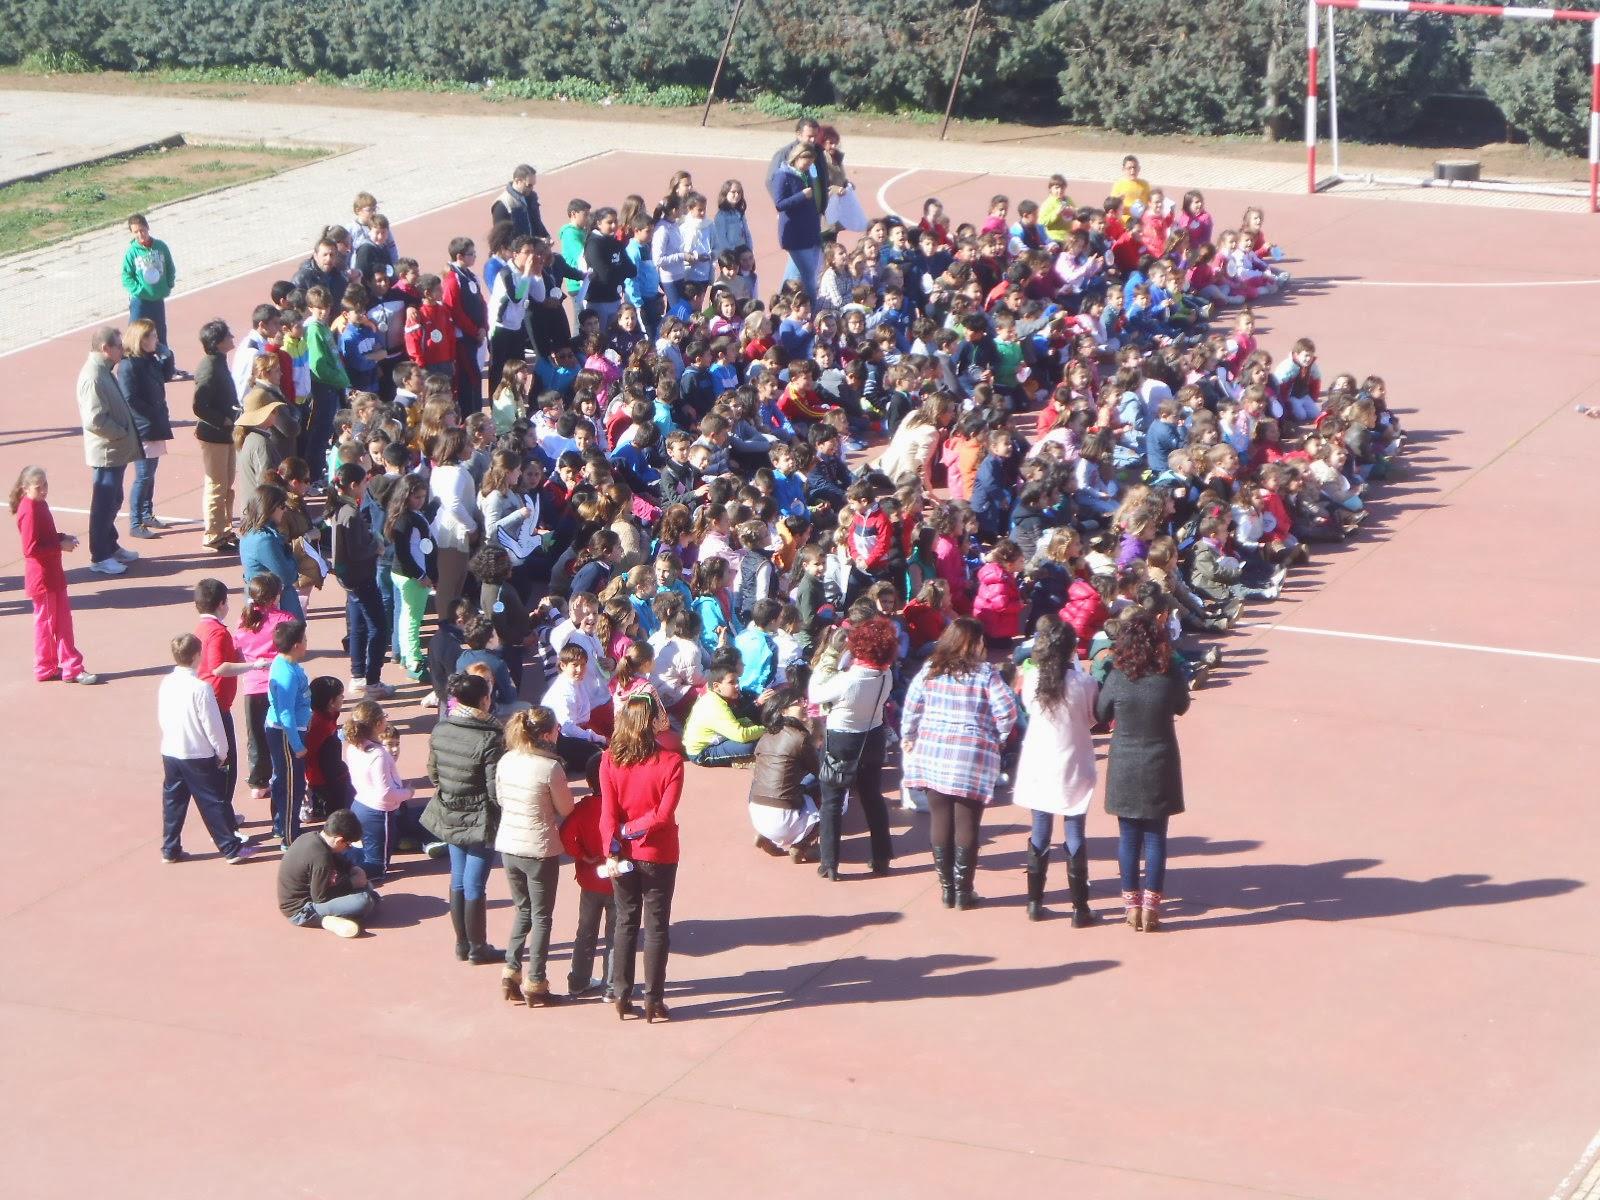 Macaco DÍa De La Paz: EDUCACIÓN INFANTIL CEIP PADRE MANJON: CELEBRAMOS EL DÍA